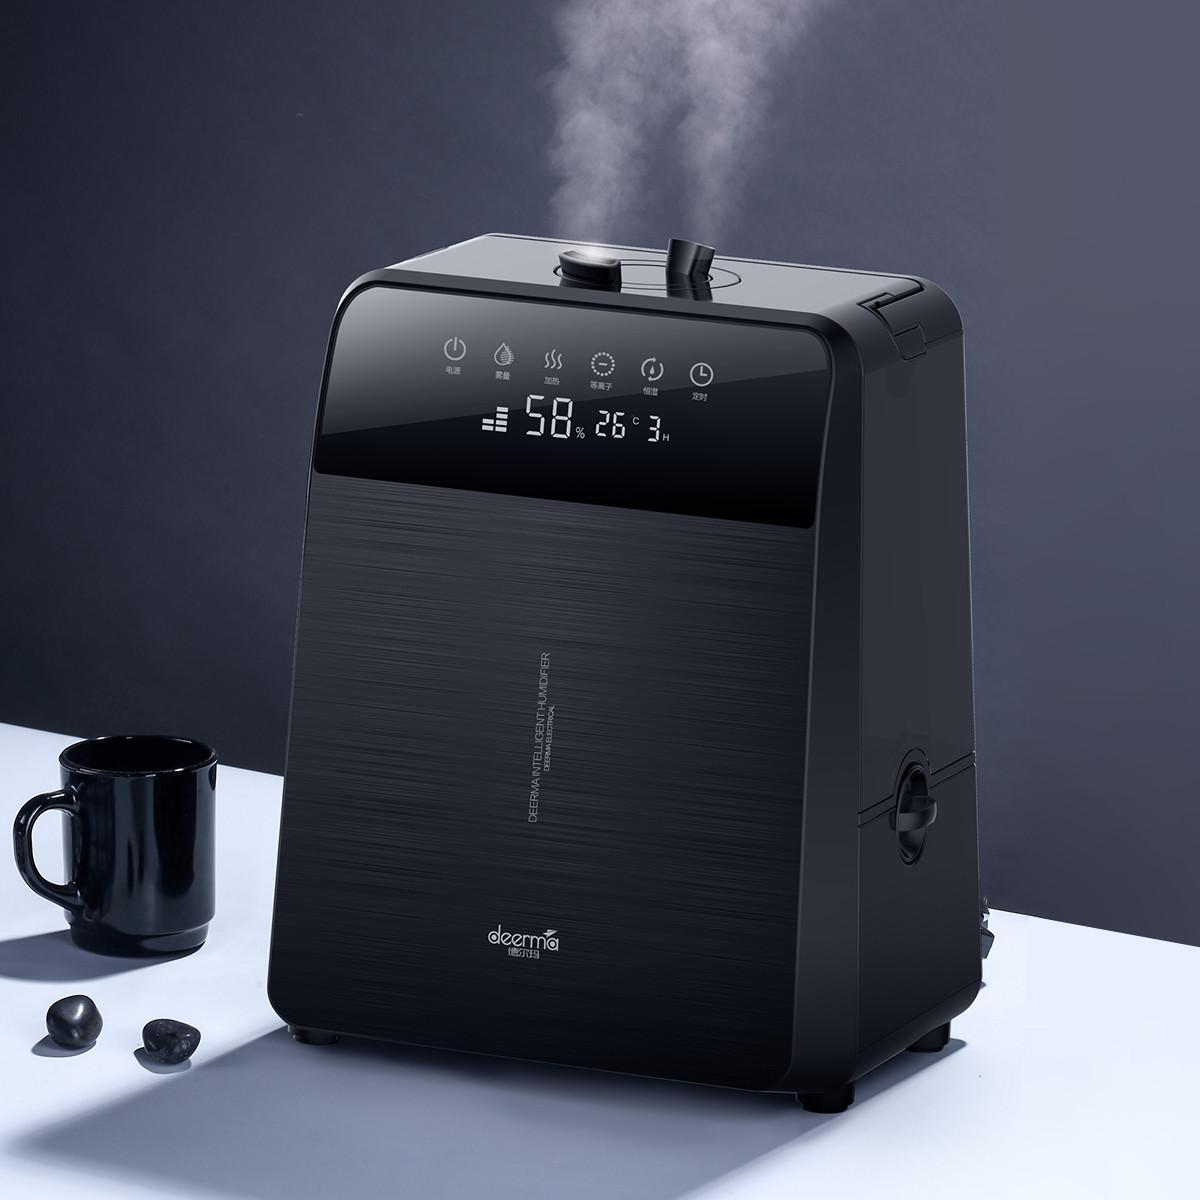 德尔玛德尔玛 加湿器家用静音 6L大容量暖雾净化加湿机 LU950LU950